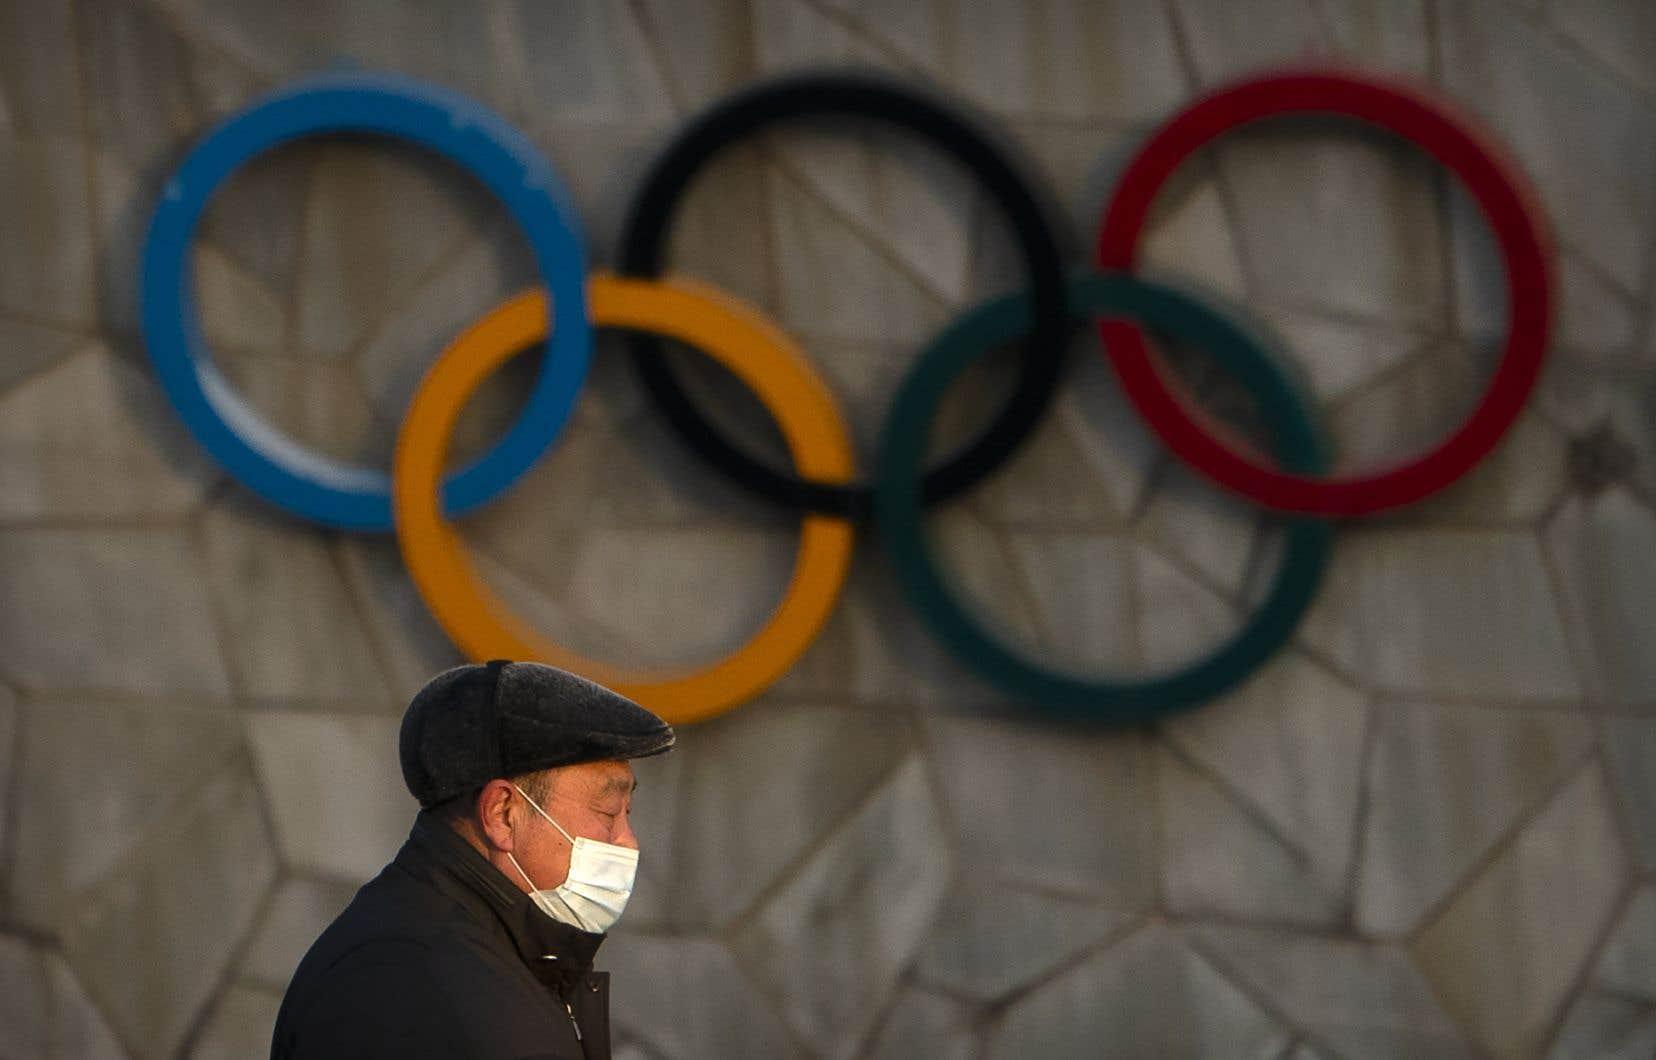 Récemment, une coalition de 180 groupes de défense des droits de la personne a réclamé le boycottage des Jeux olympiques d'hiver en Chine en 2022.